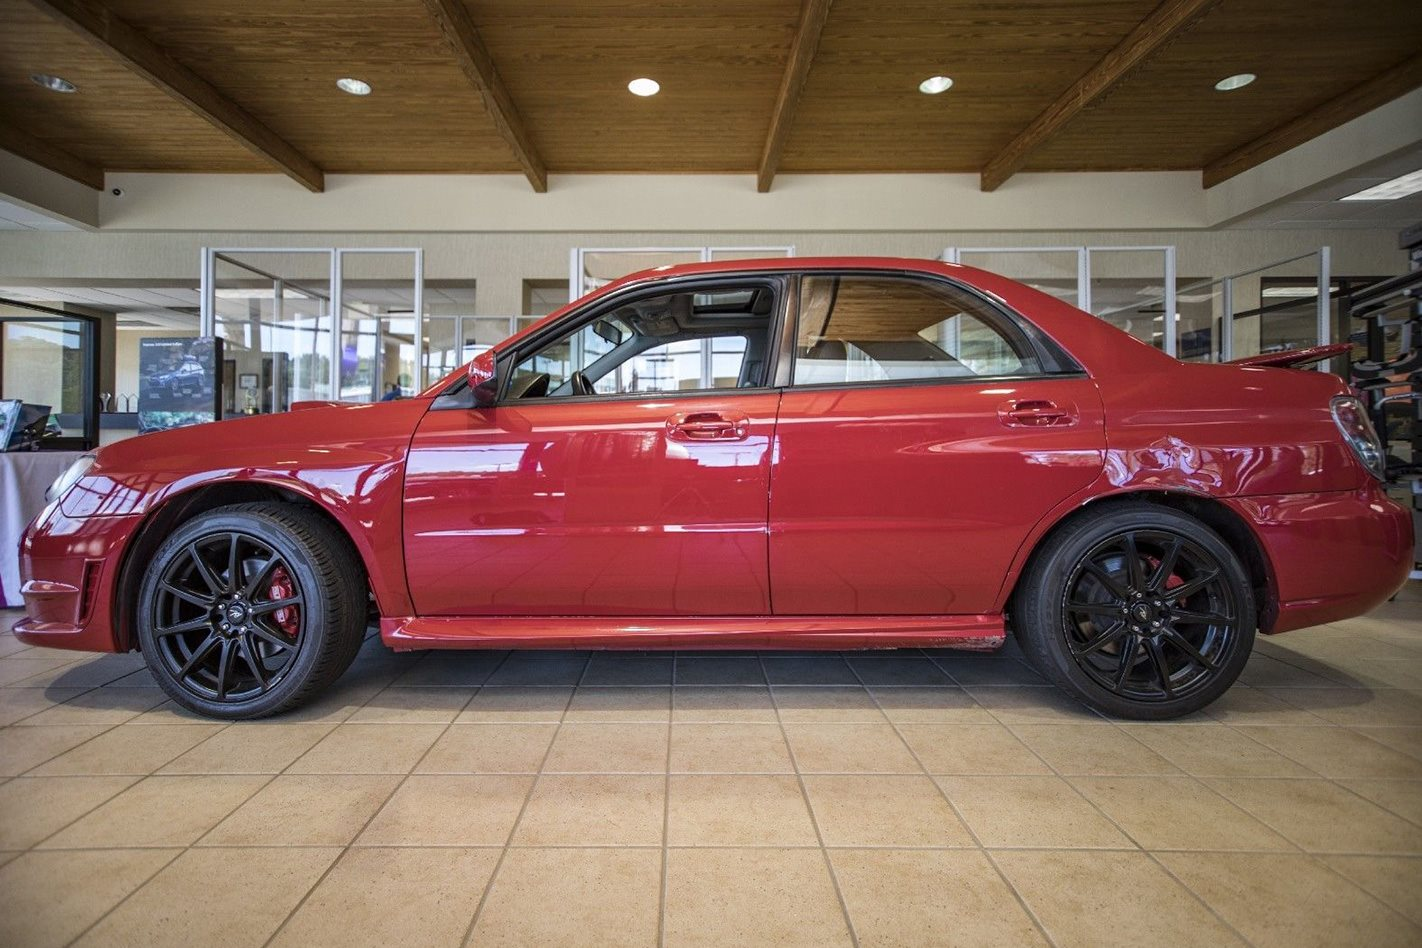 2006 Subaru Impreza WRX from Baby Driver side